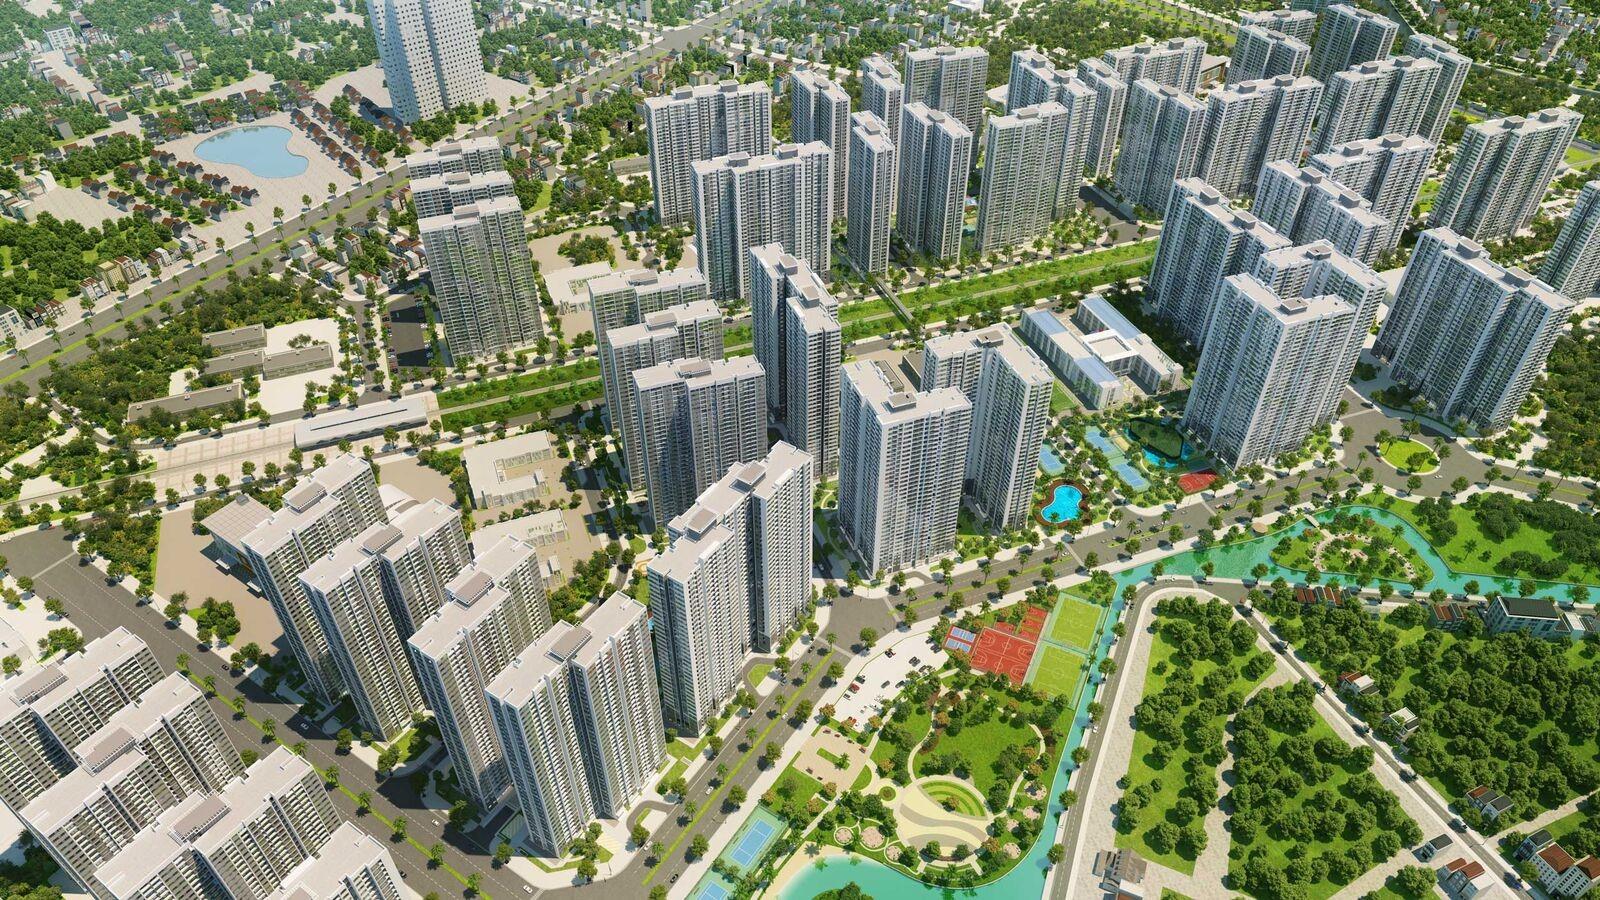 Tiện ích khu đô thị Vinhomes Smart City Tây Mỗ Đại Mỗ